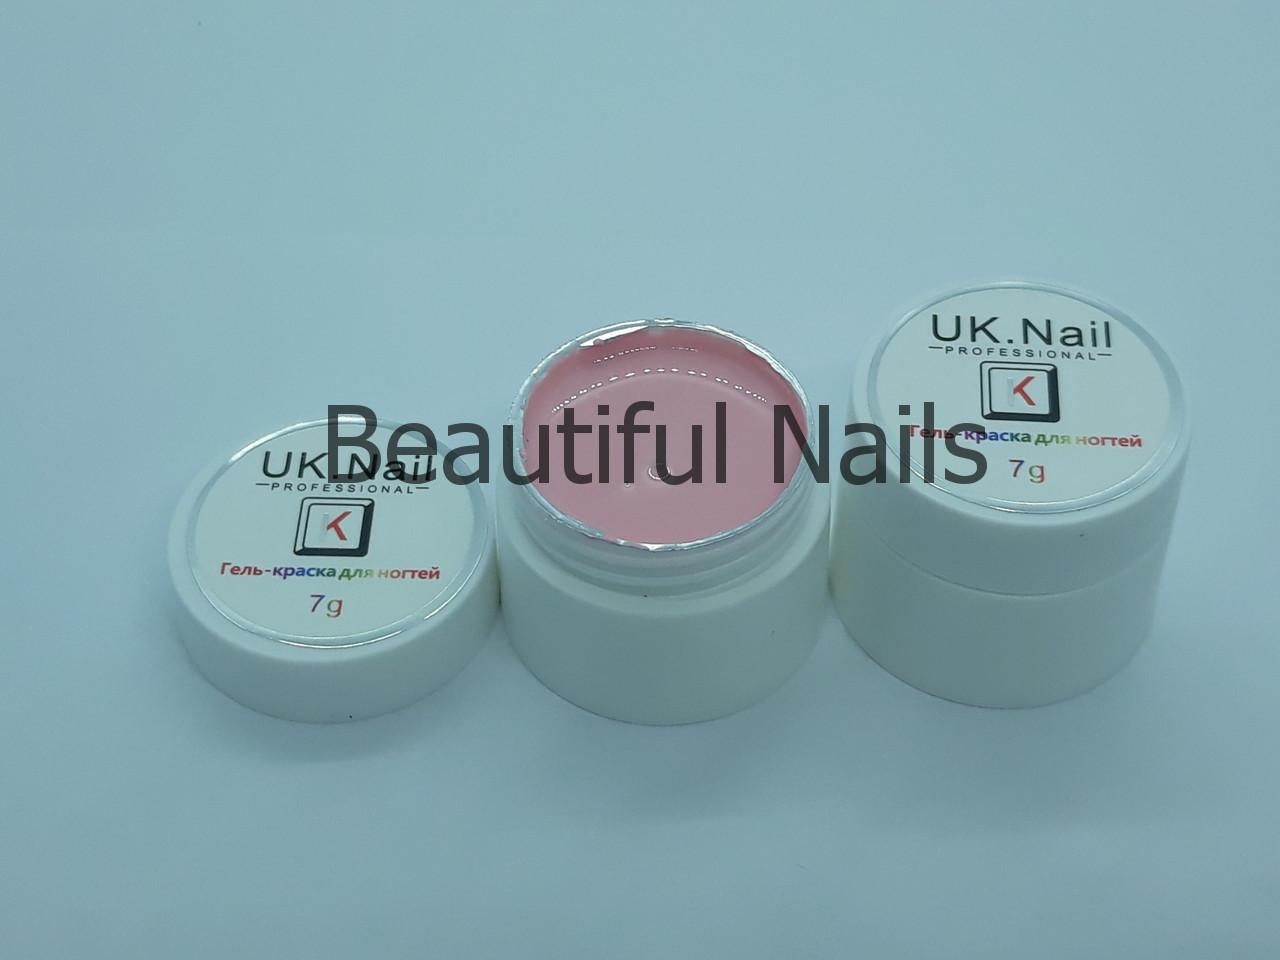 Гель-краска для ногтей UK.Nail №02 цвет пудра.7 грамм